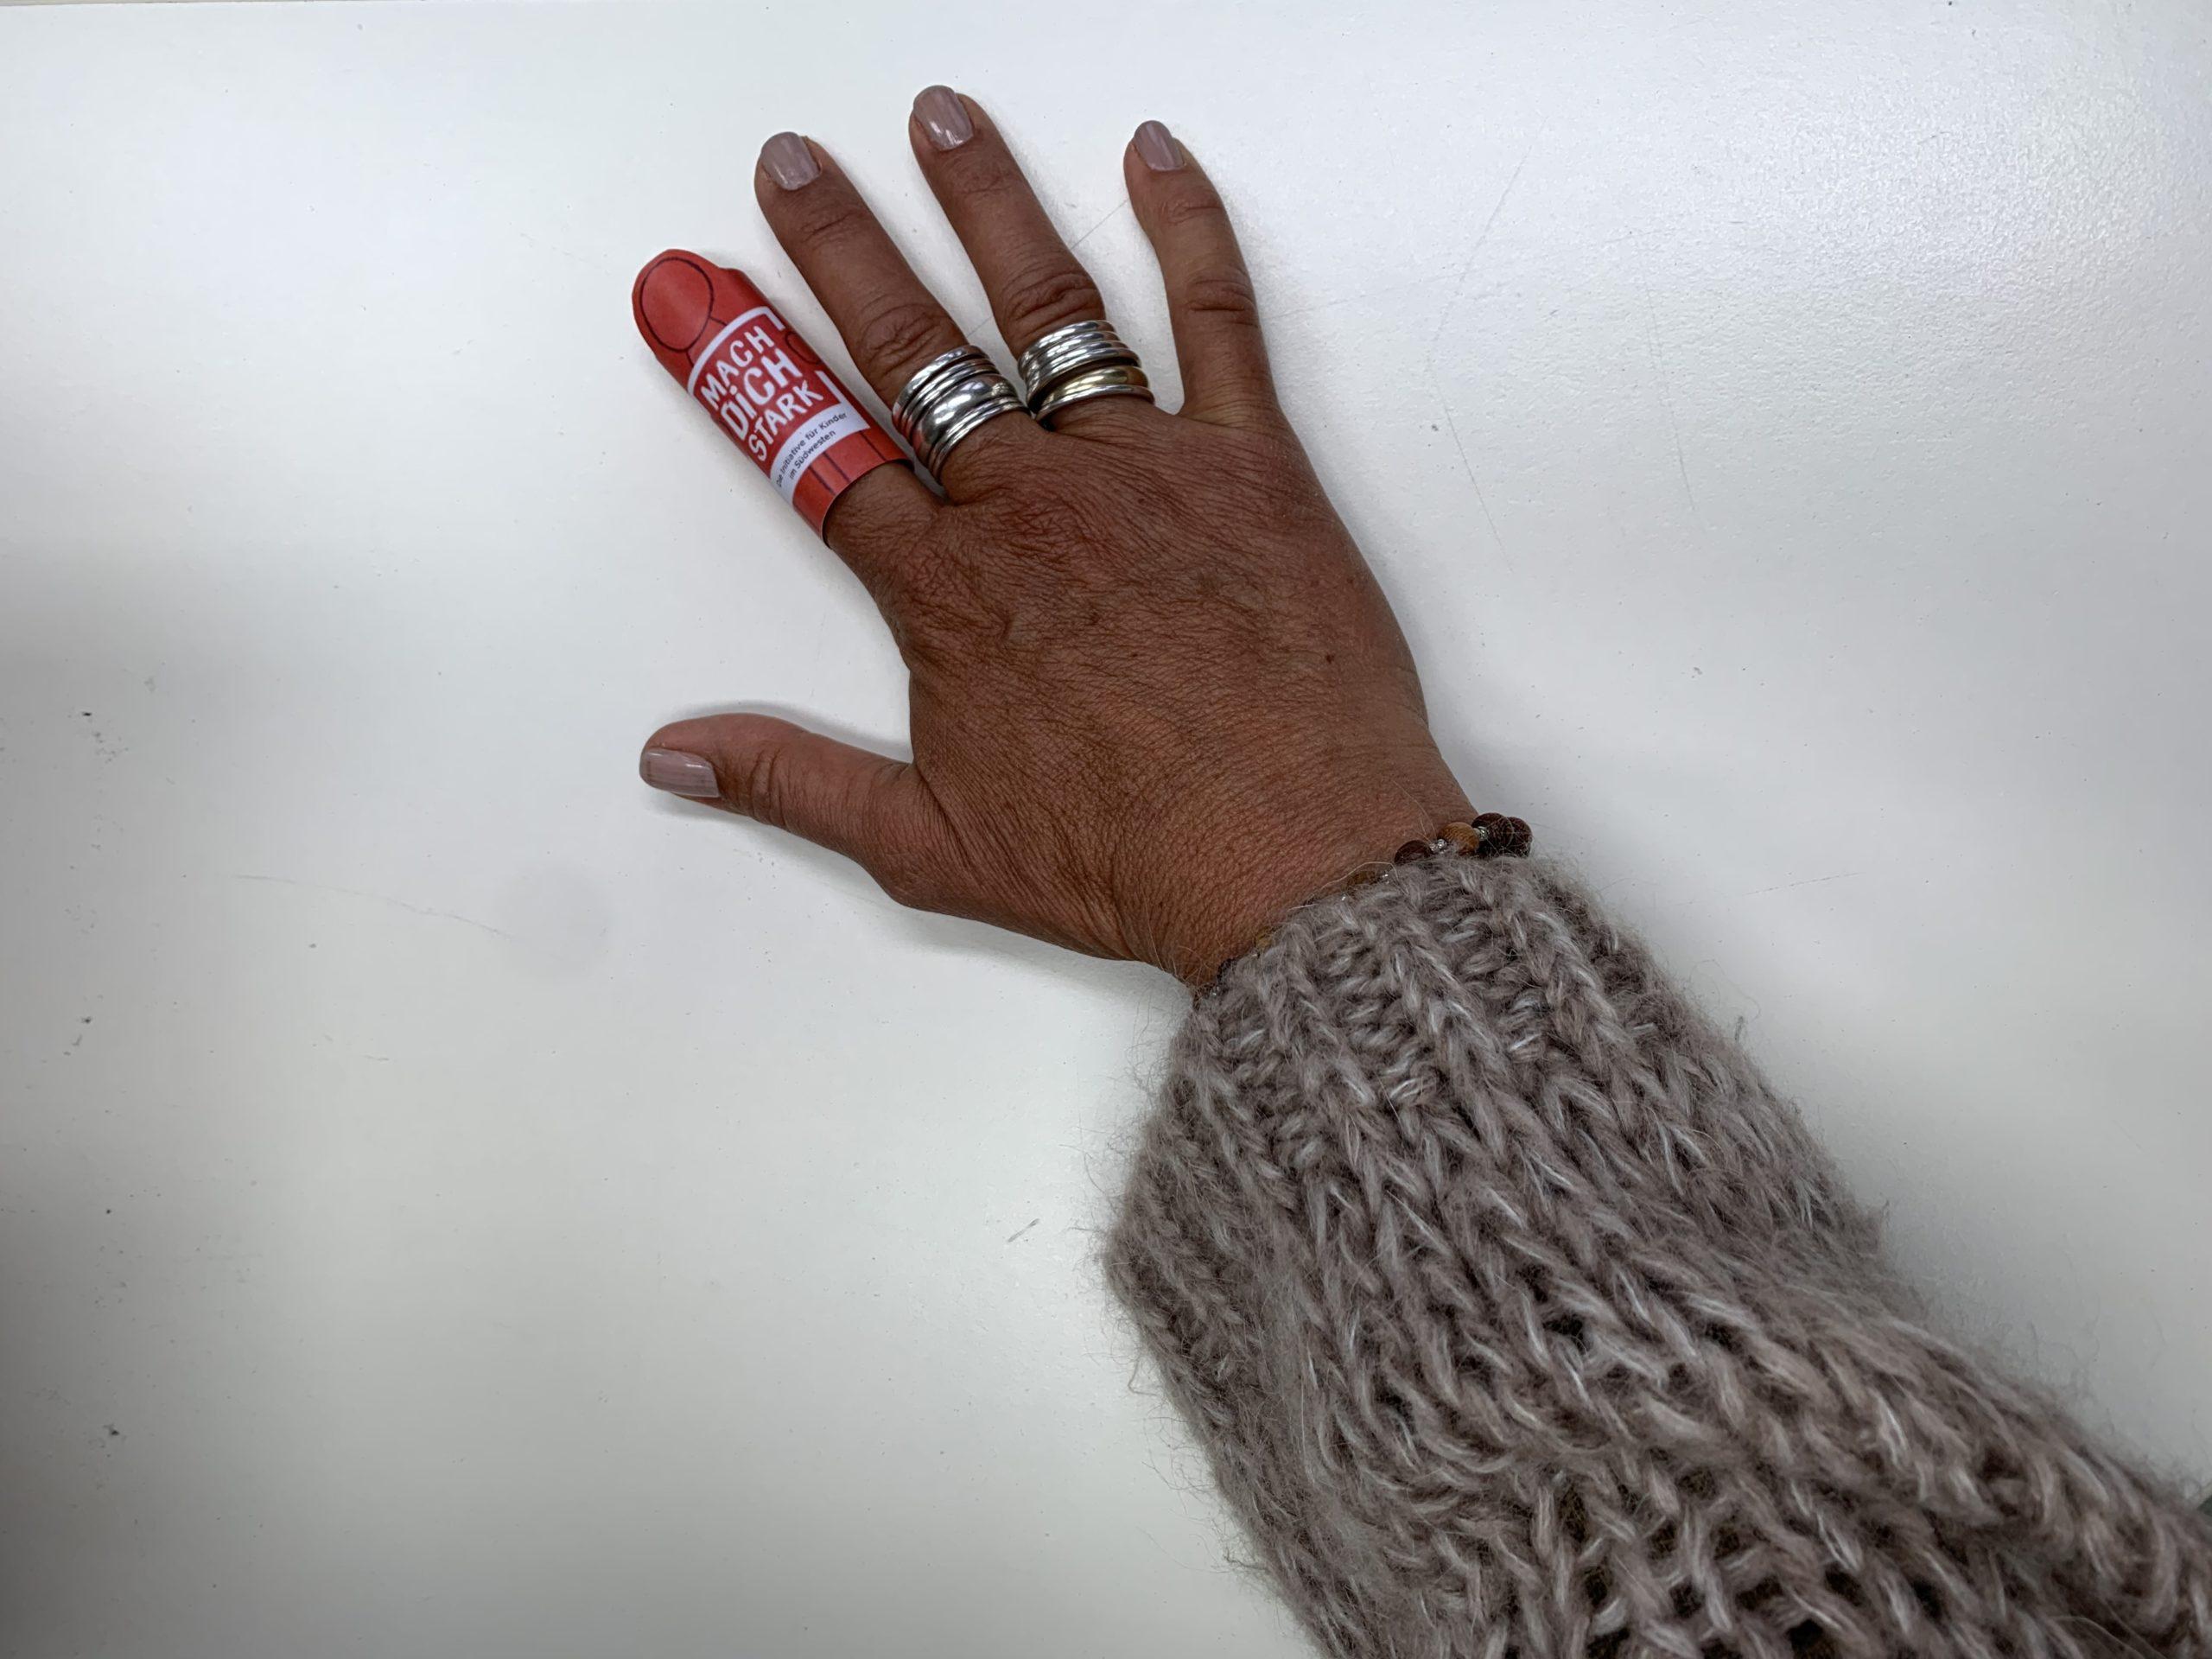 Eine Hand mit der Starkmacher-Fingerpuppe am Zeigefinger. Die Fingerpuppe ist eine rote Figur mit der Aufschrift MACH DICH STARK